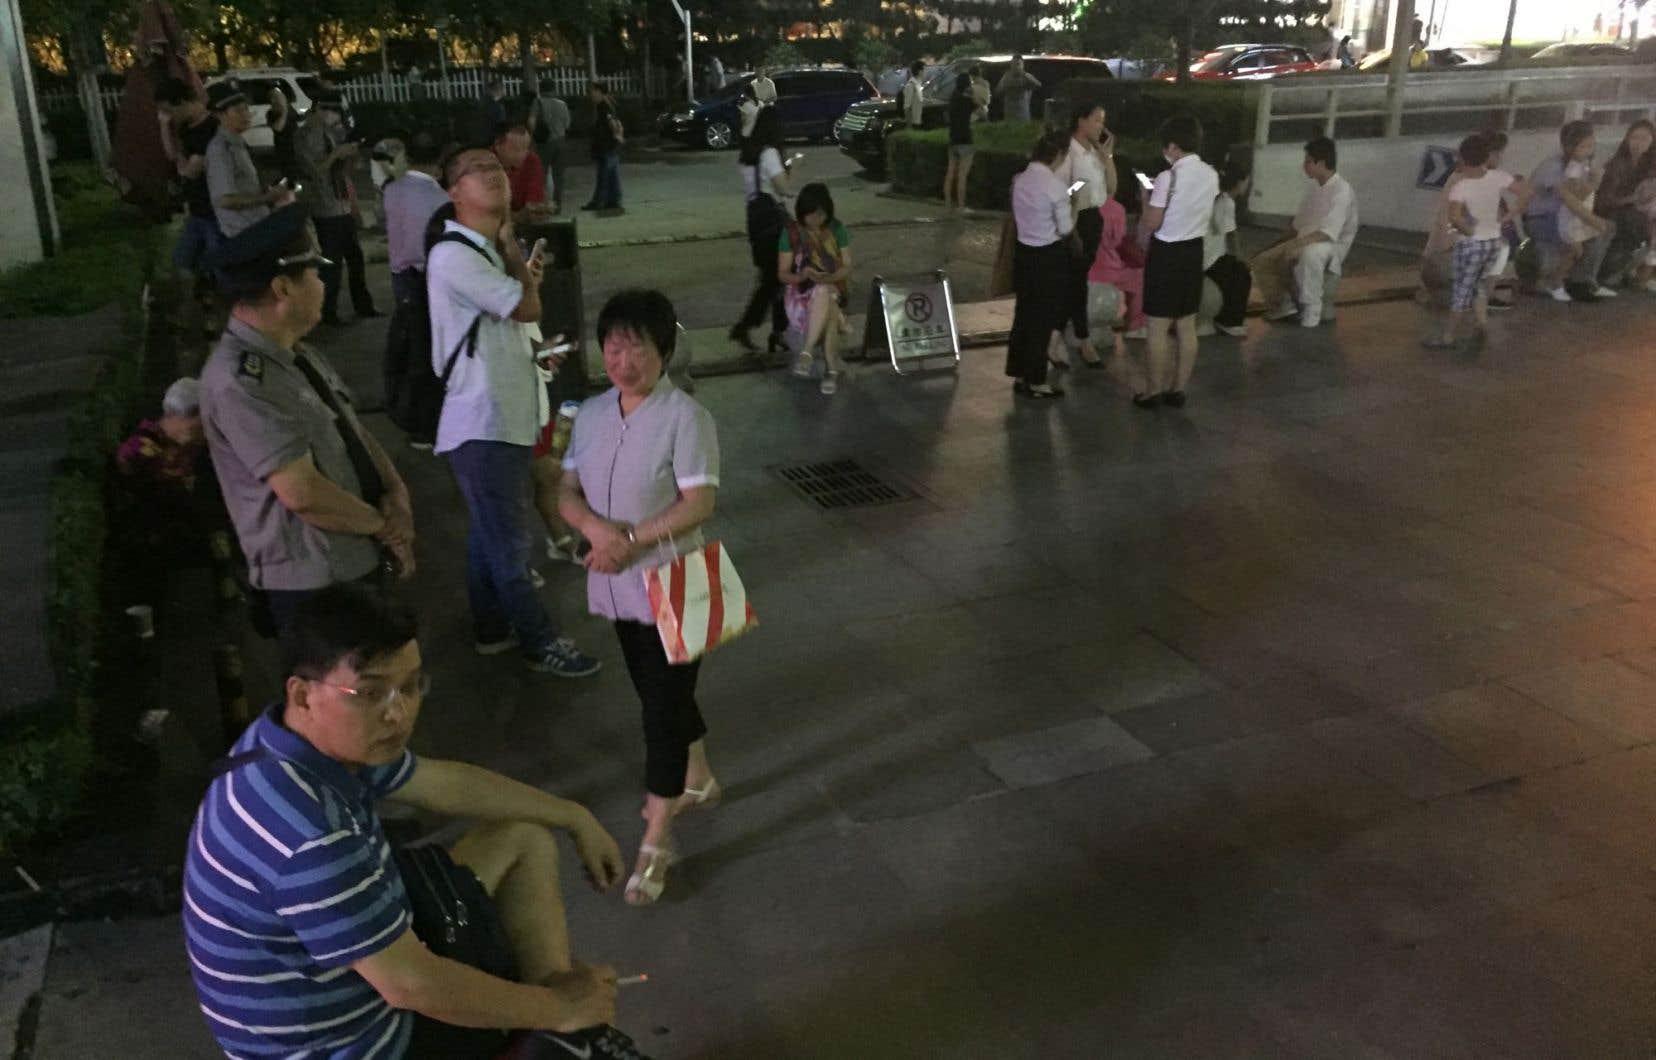 Le séisme a été ressenti aussi loin que dans la province de Shanxi, au centre de la Chine.